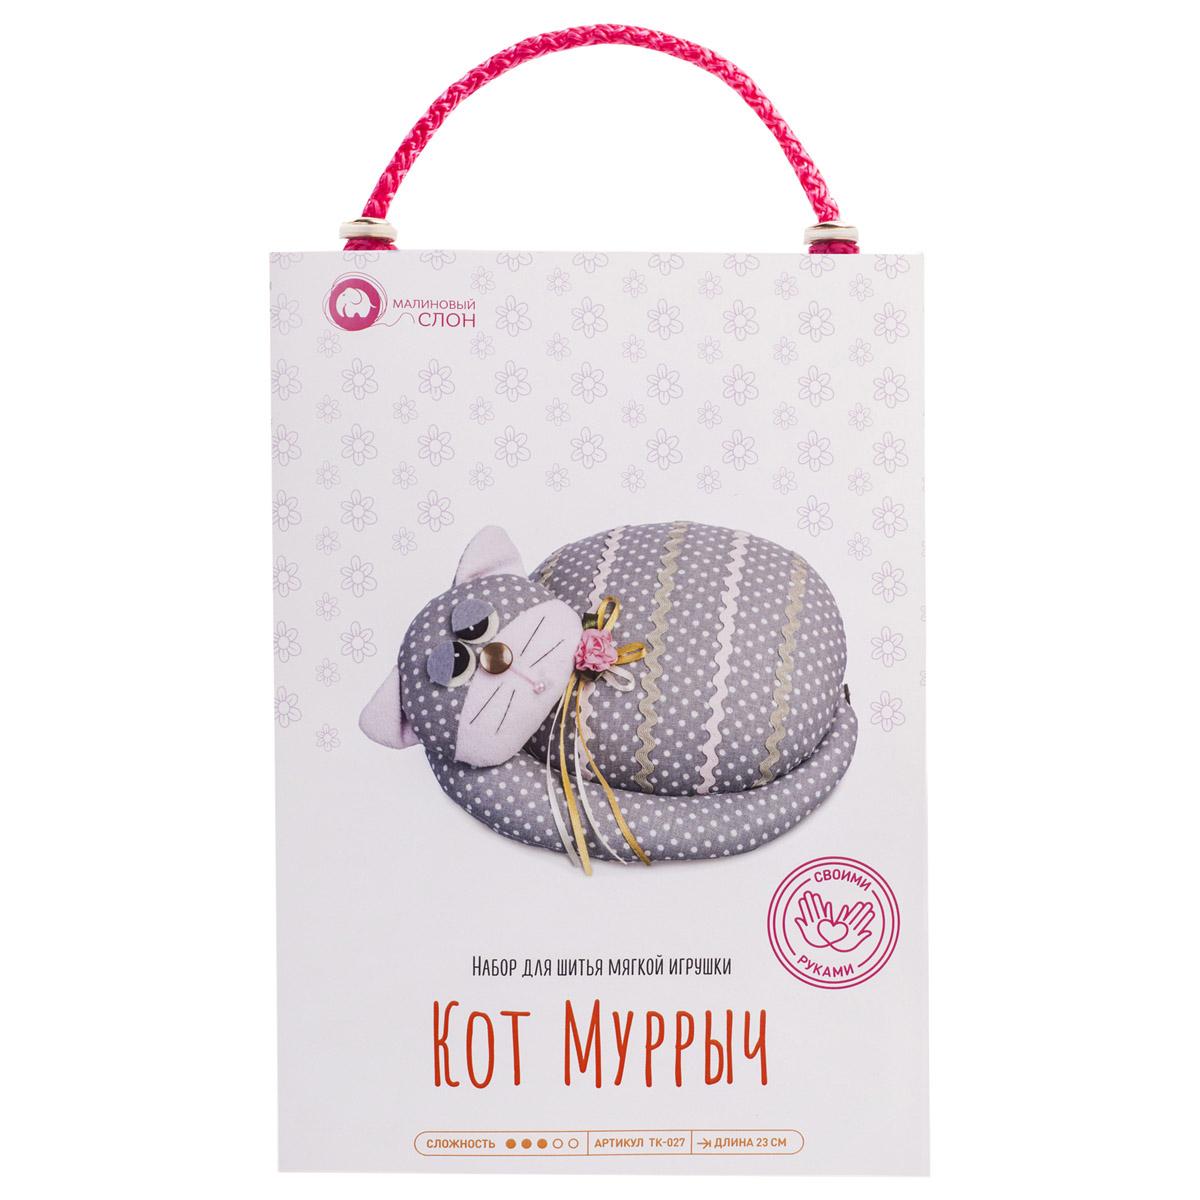 ТК-027 Набор для шитья мягкой игрушки 'Кот Муррыч'